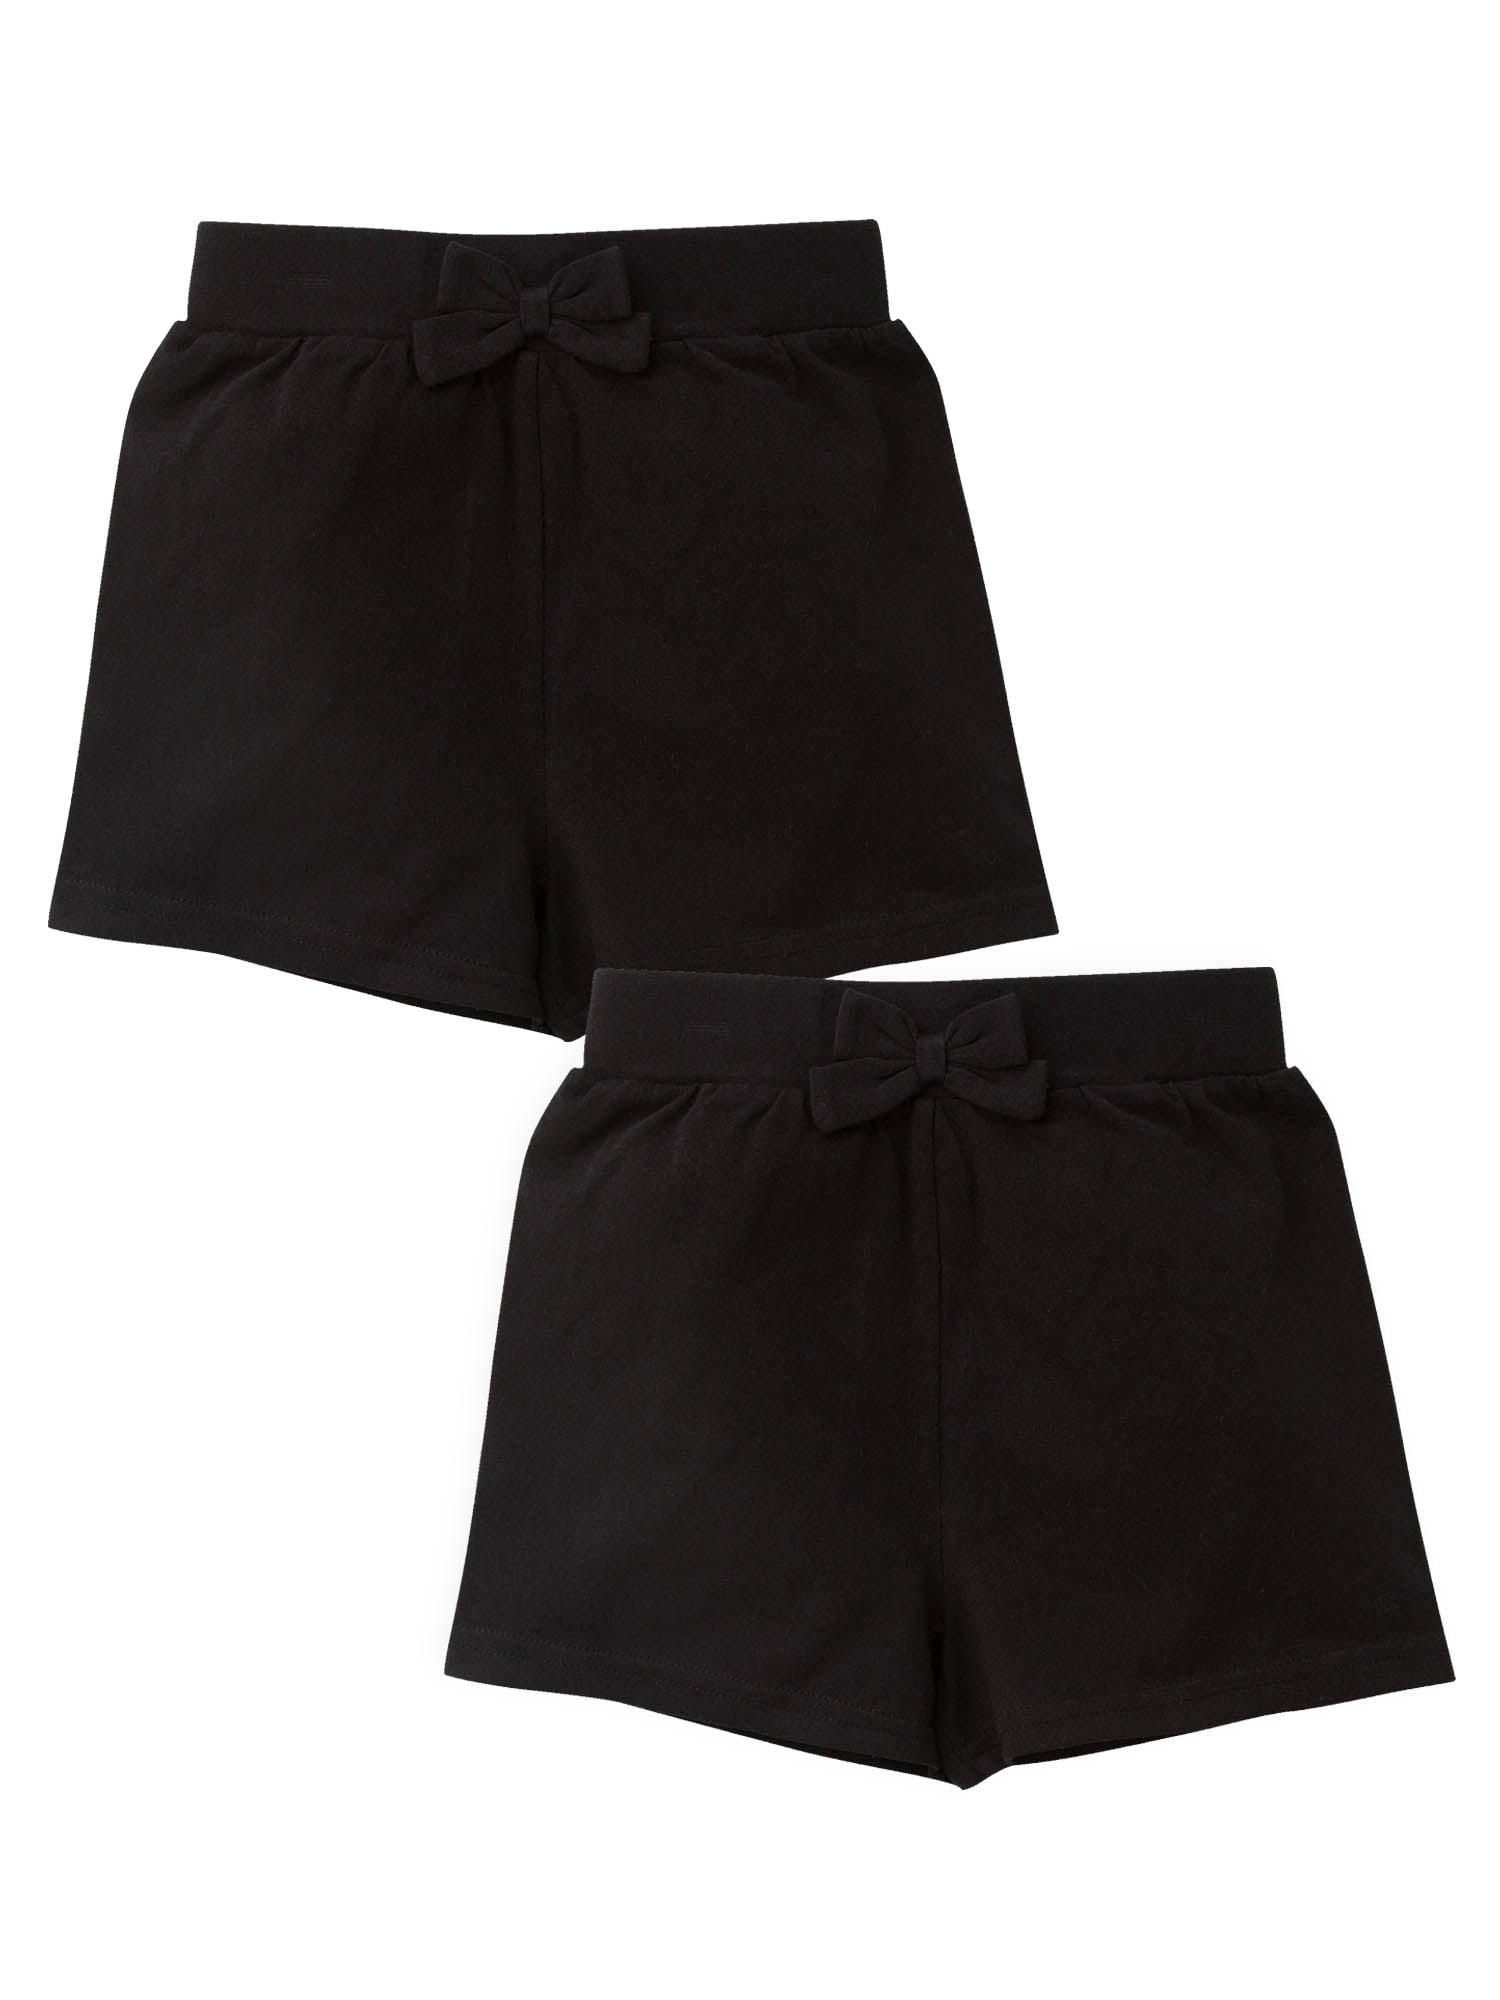 Black Bike Shorts Bundle, 2pk (Baby Girls and Toddler Girls)